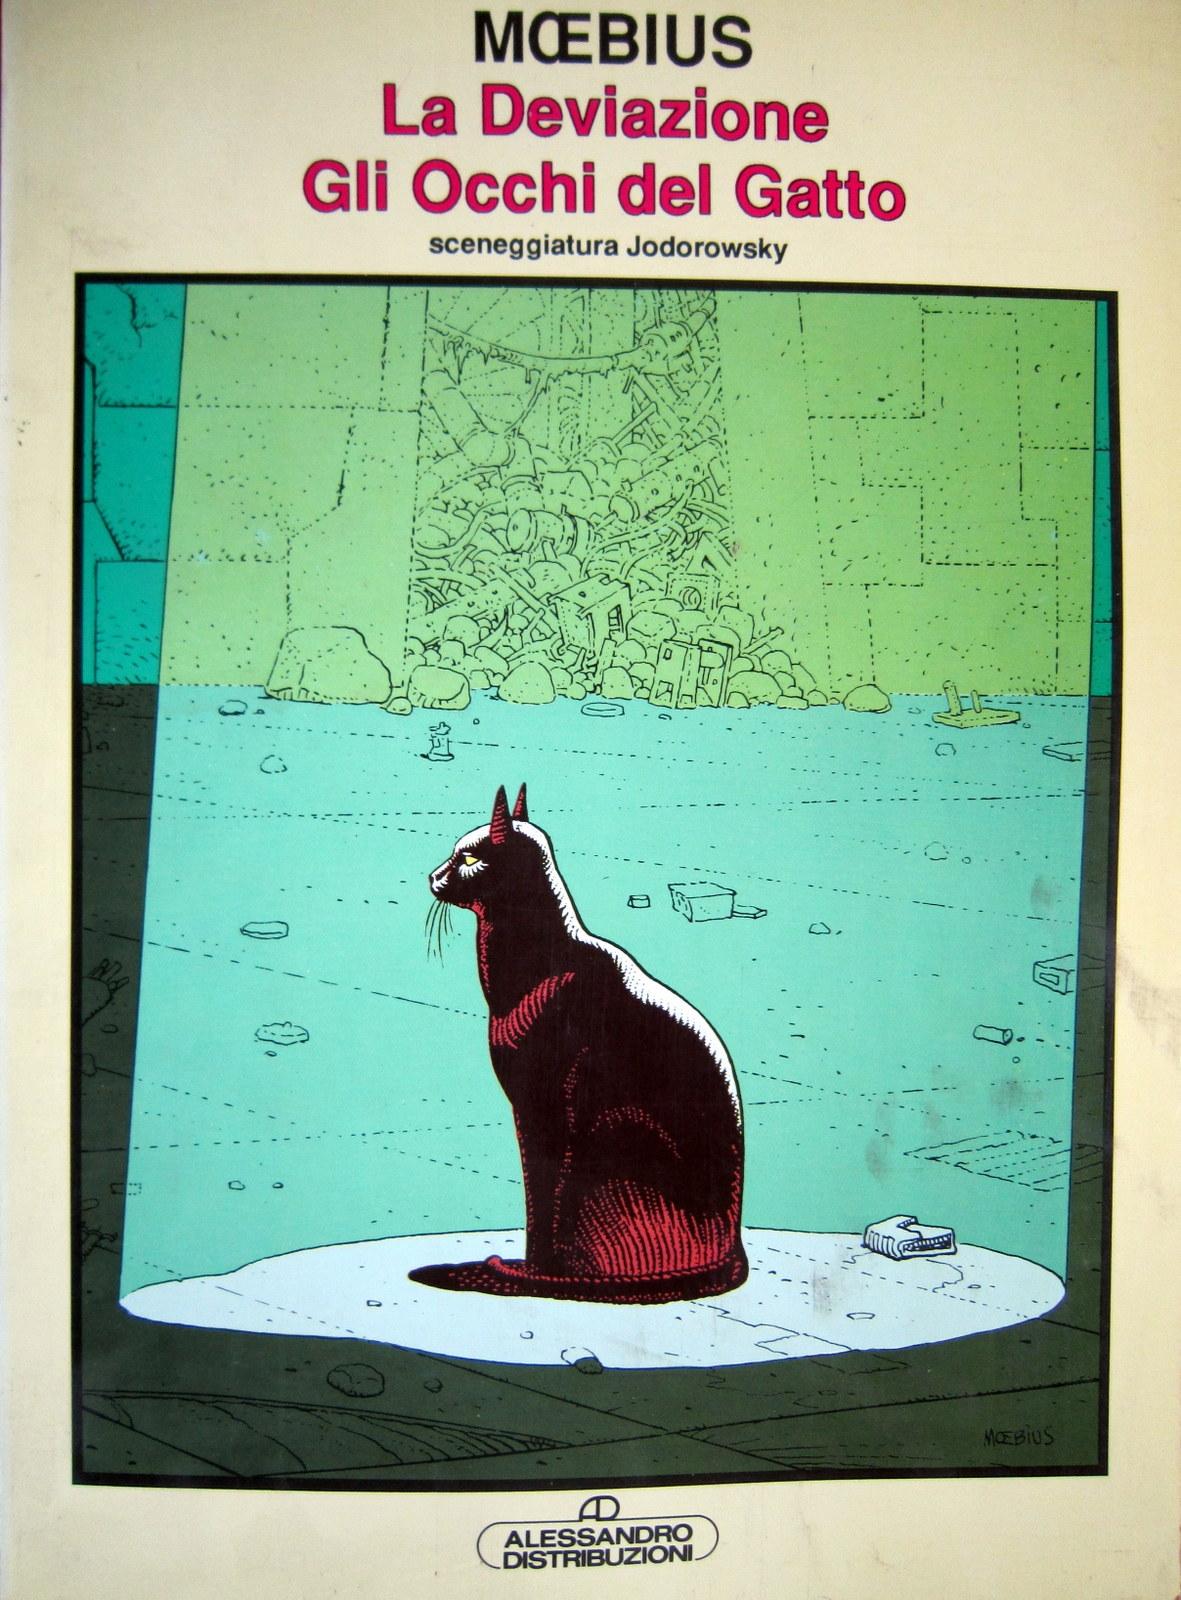 La Deviazione - Gli Occhi del Gatto